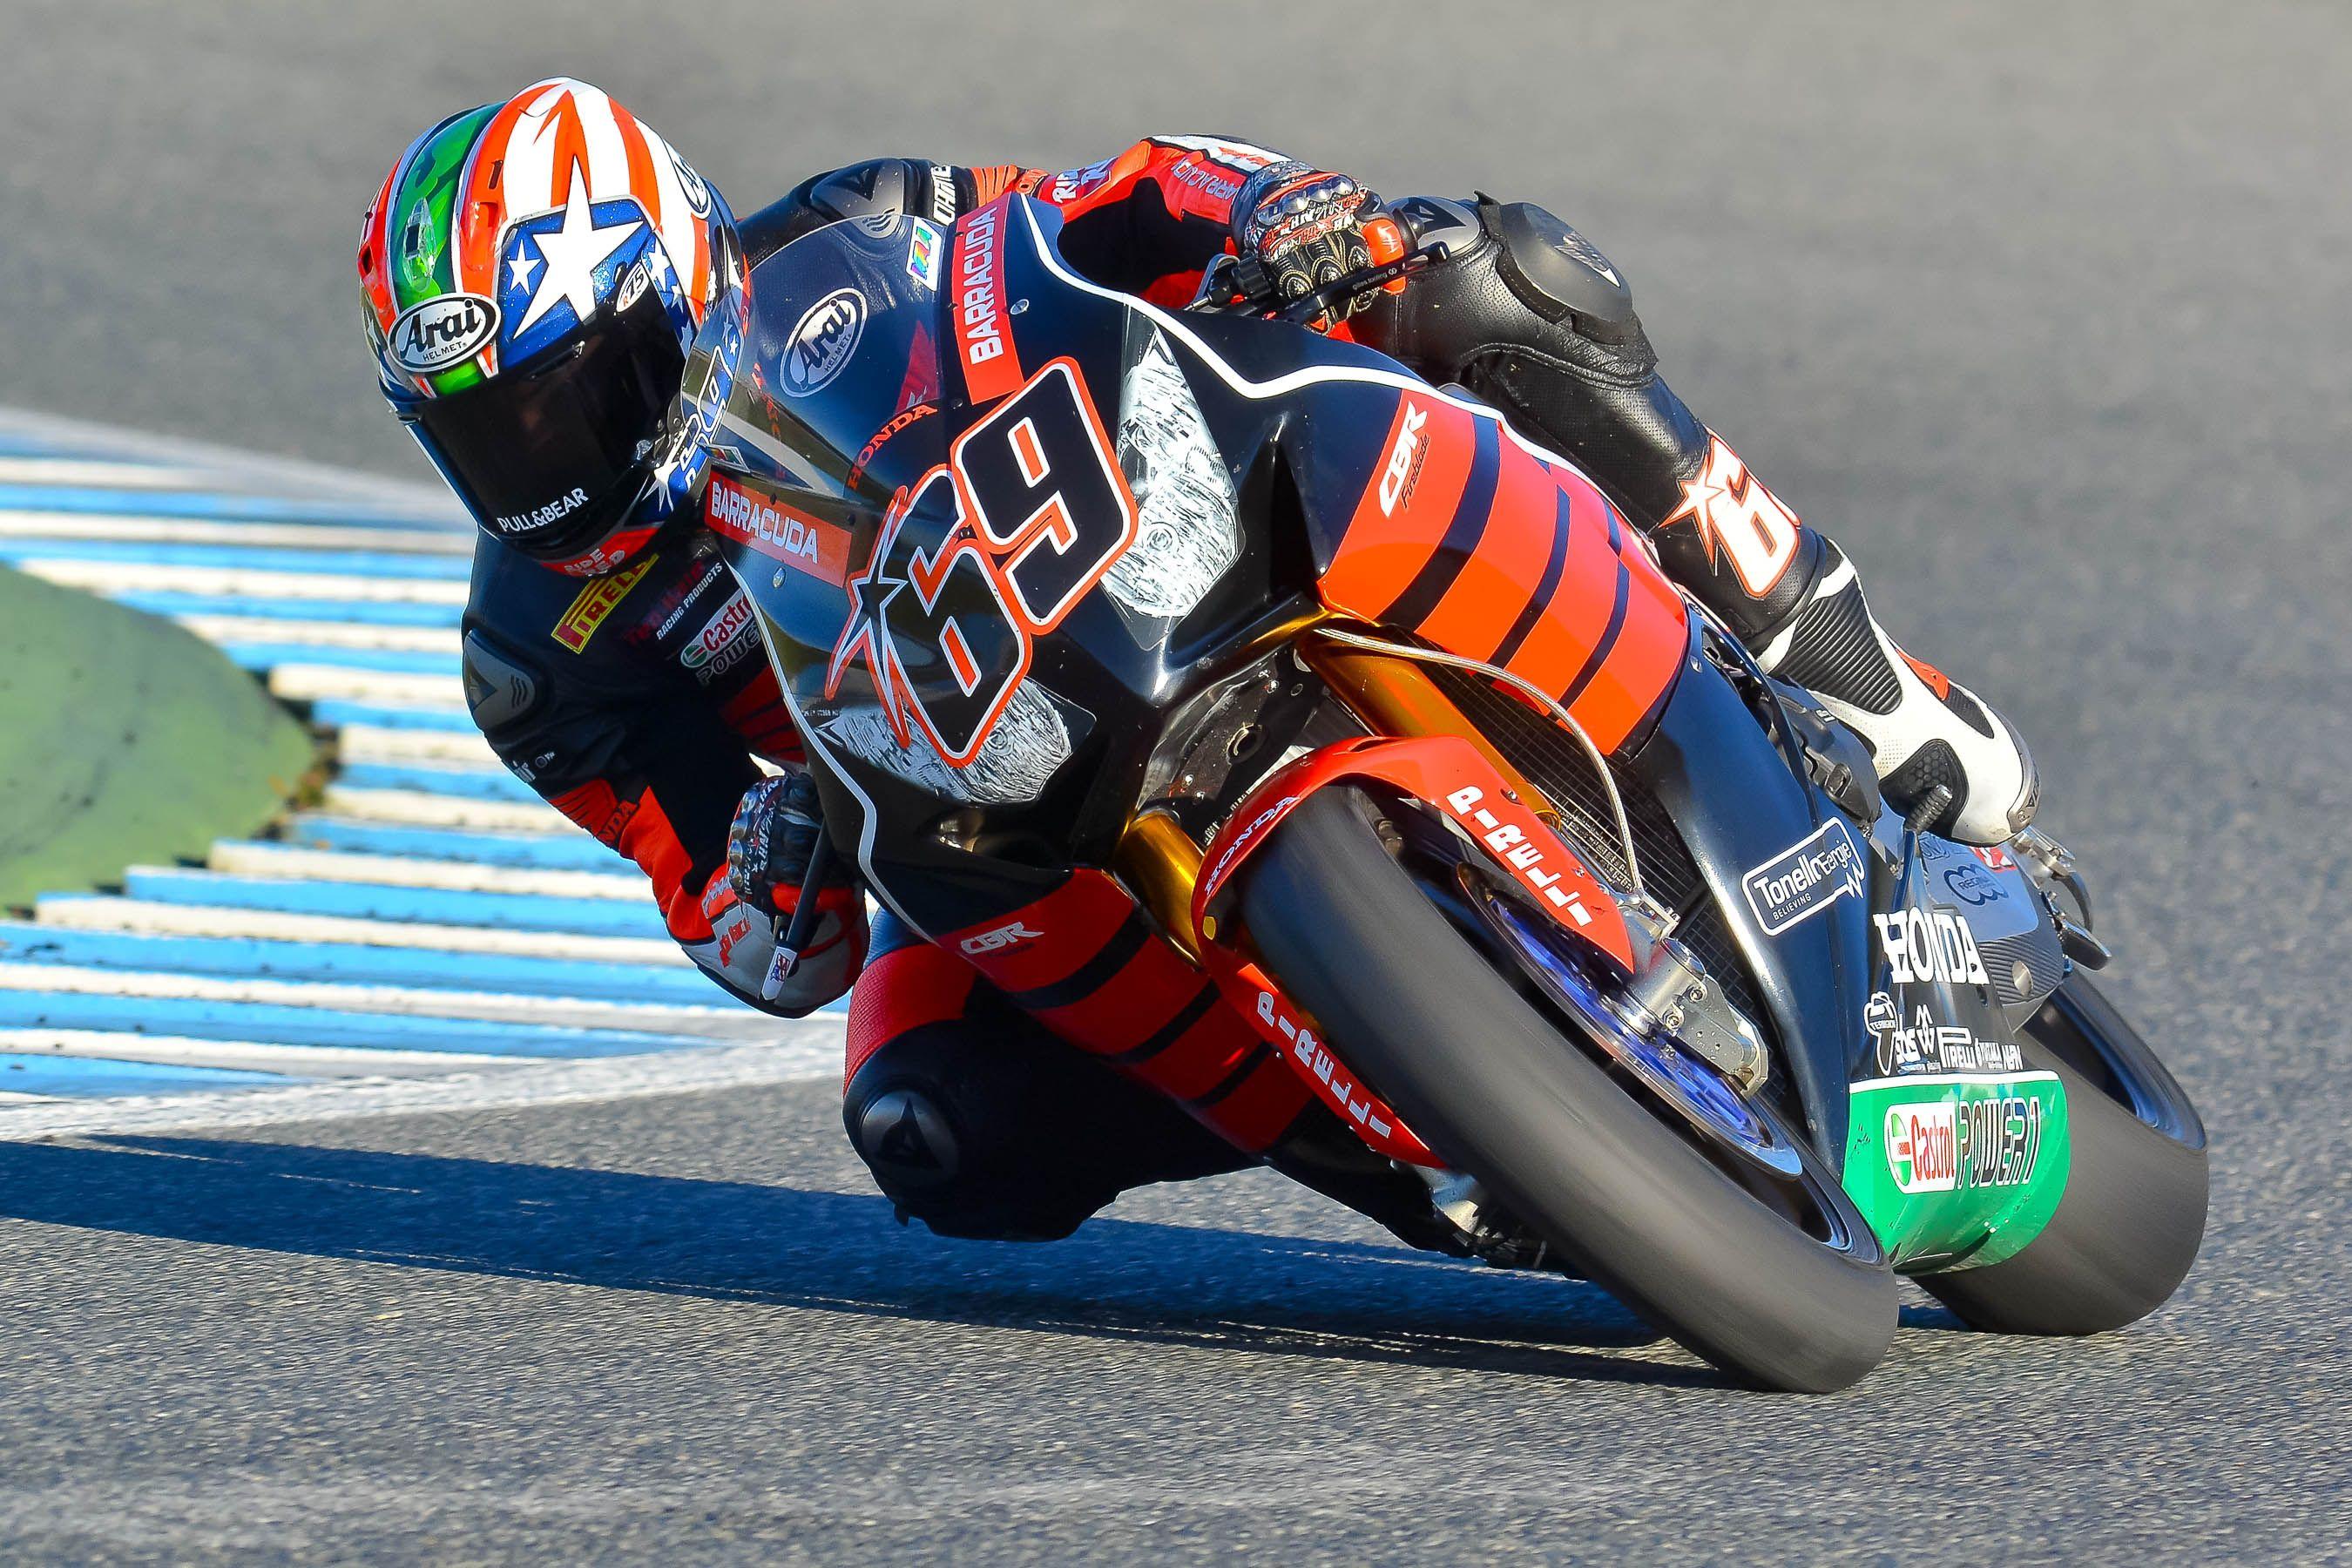 El americano Nicky Hayden, durante los pasados test de noviembre en Jerez estrenando su Honda de SBK